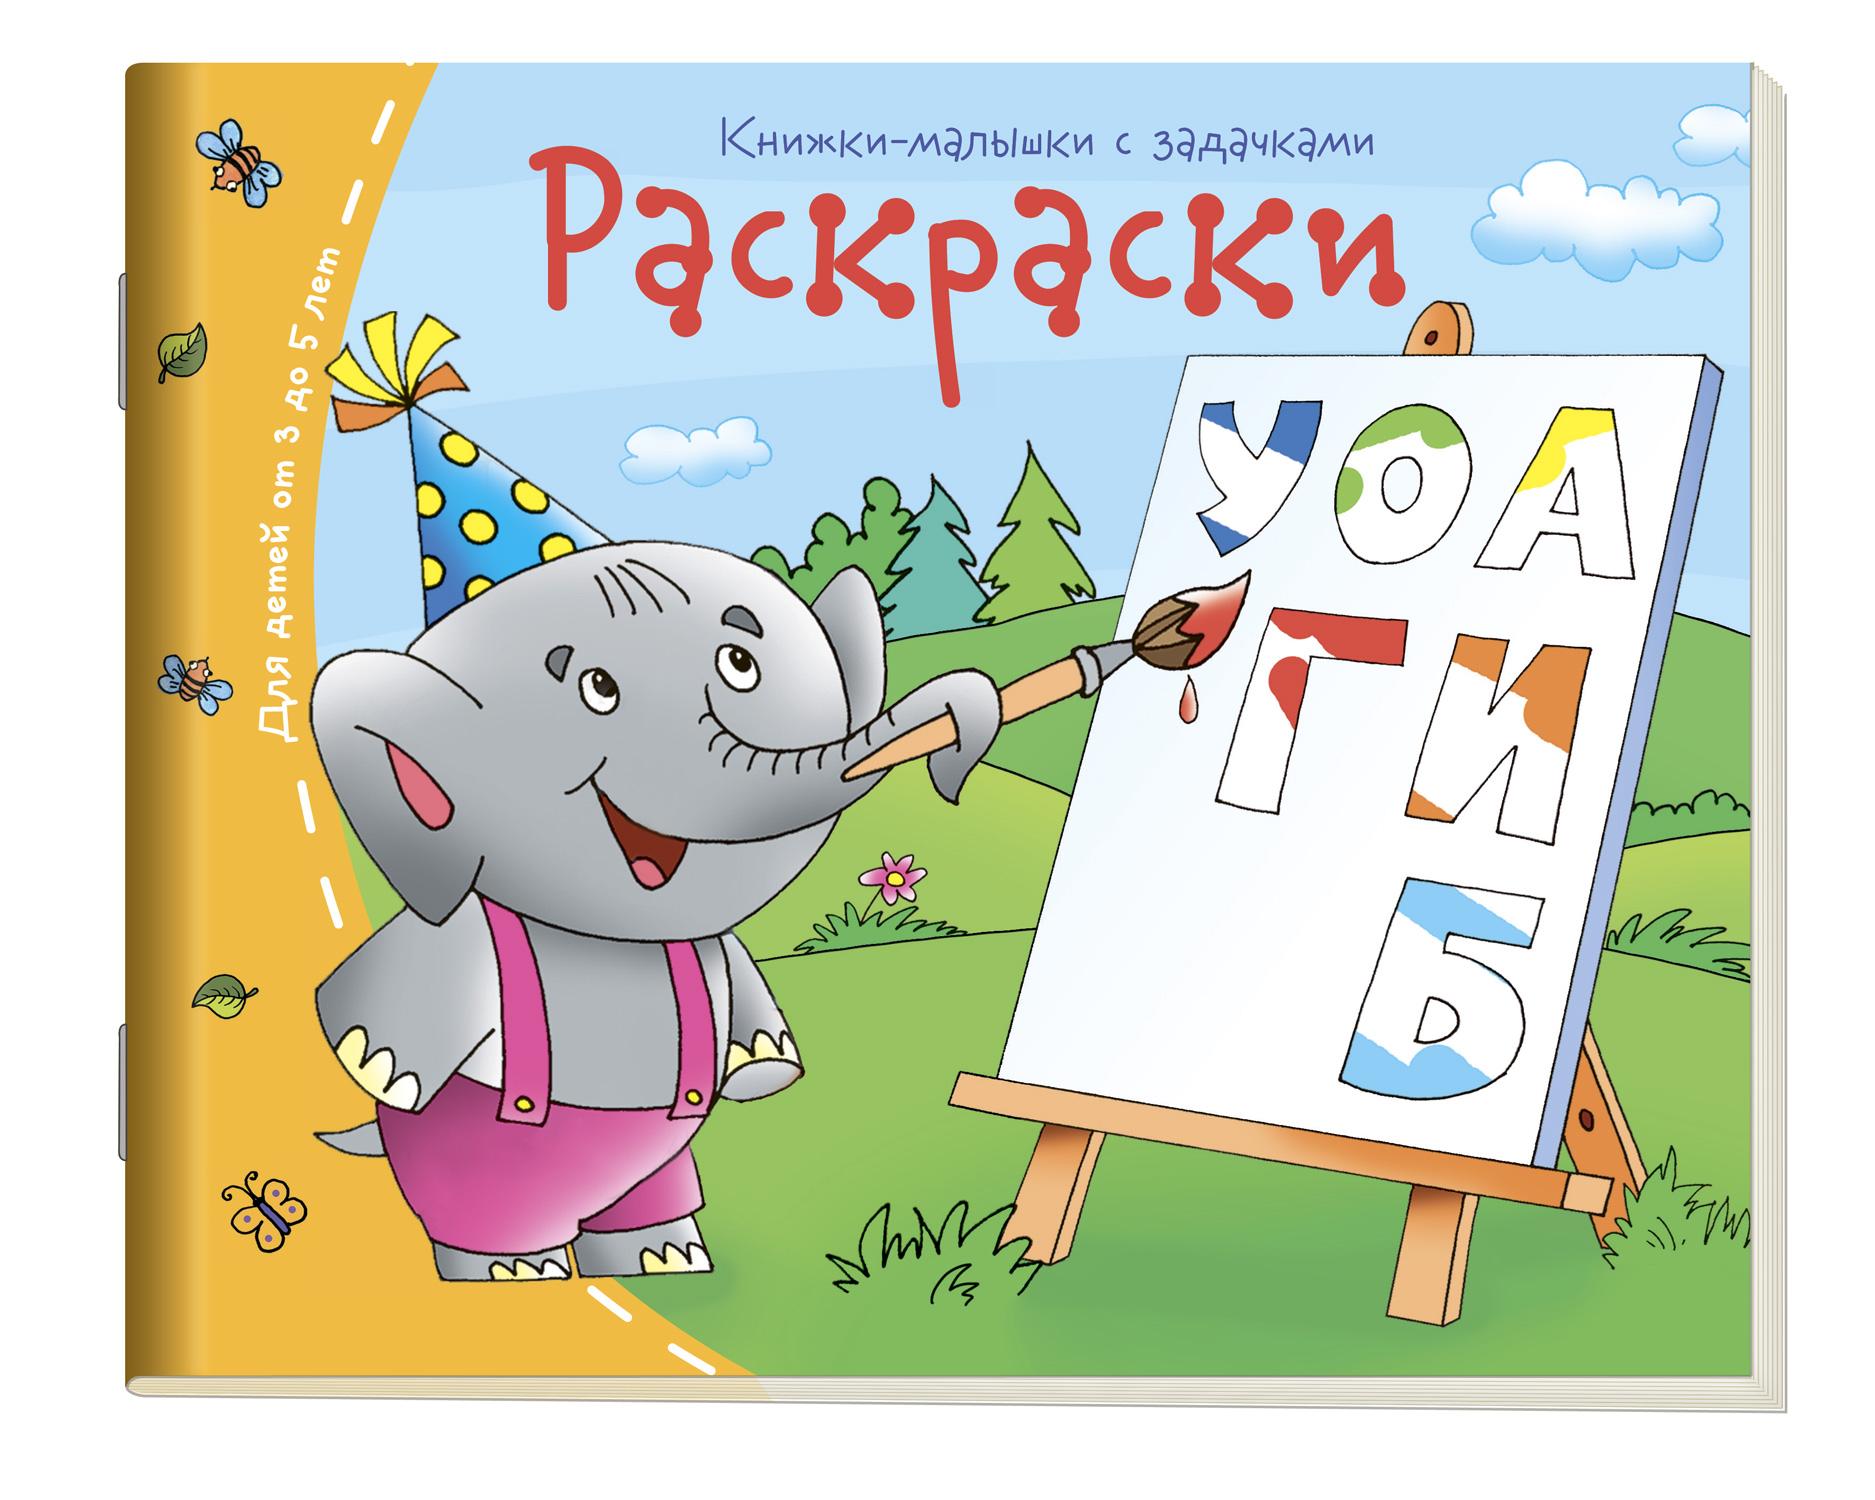 Раскраски: Книжки-малышки с задачками